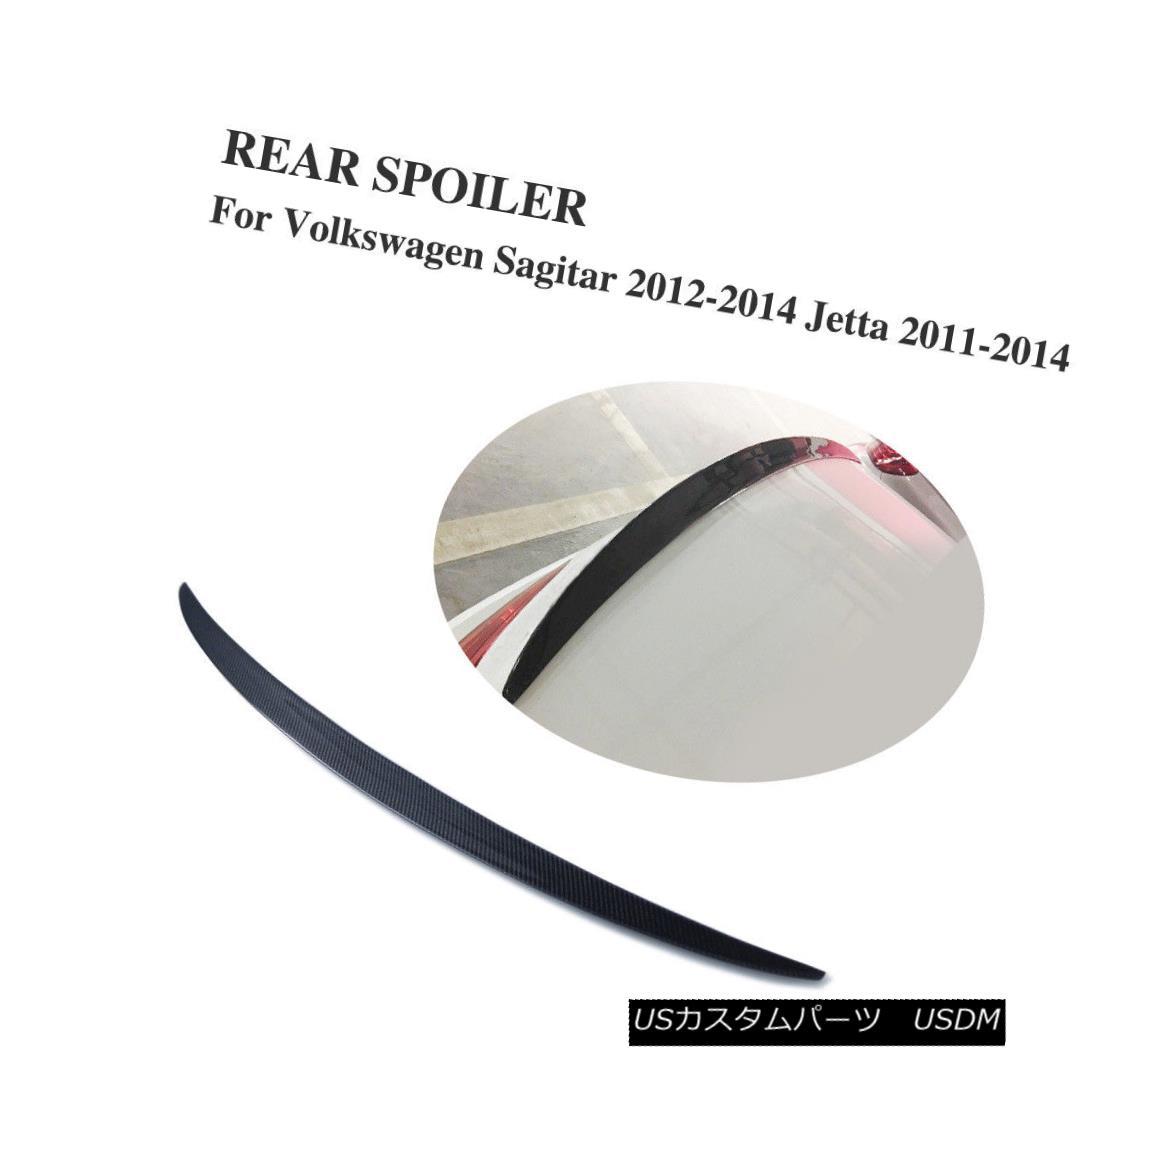 エアロパーツ Carbon Fiber Rear Boot Spoiler Lip Wing Fit for VW Jetta 11-14 Sagitar 12-14 カーボンファイバーリアブーツ・スポイラー・リップウイング、VWジェッタ11-14サガタル12-14